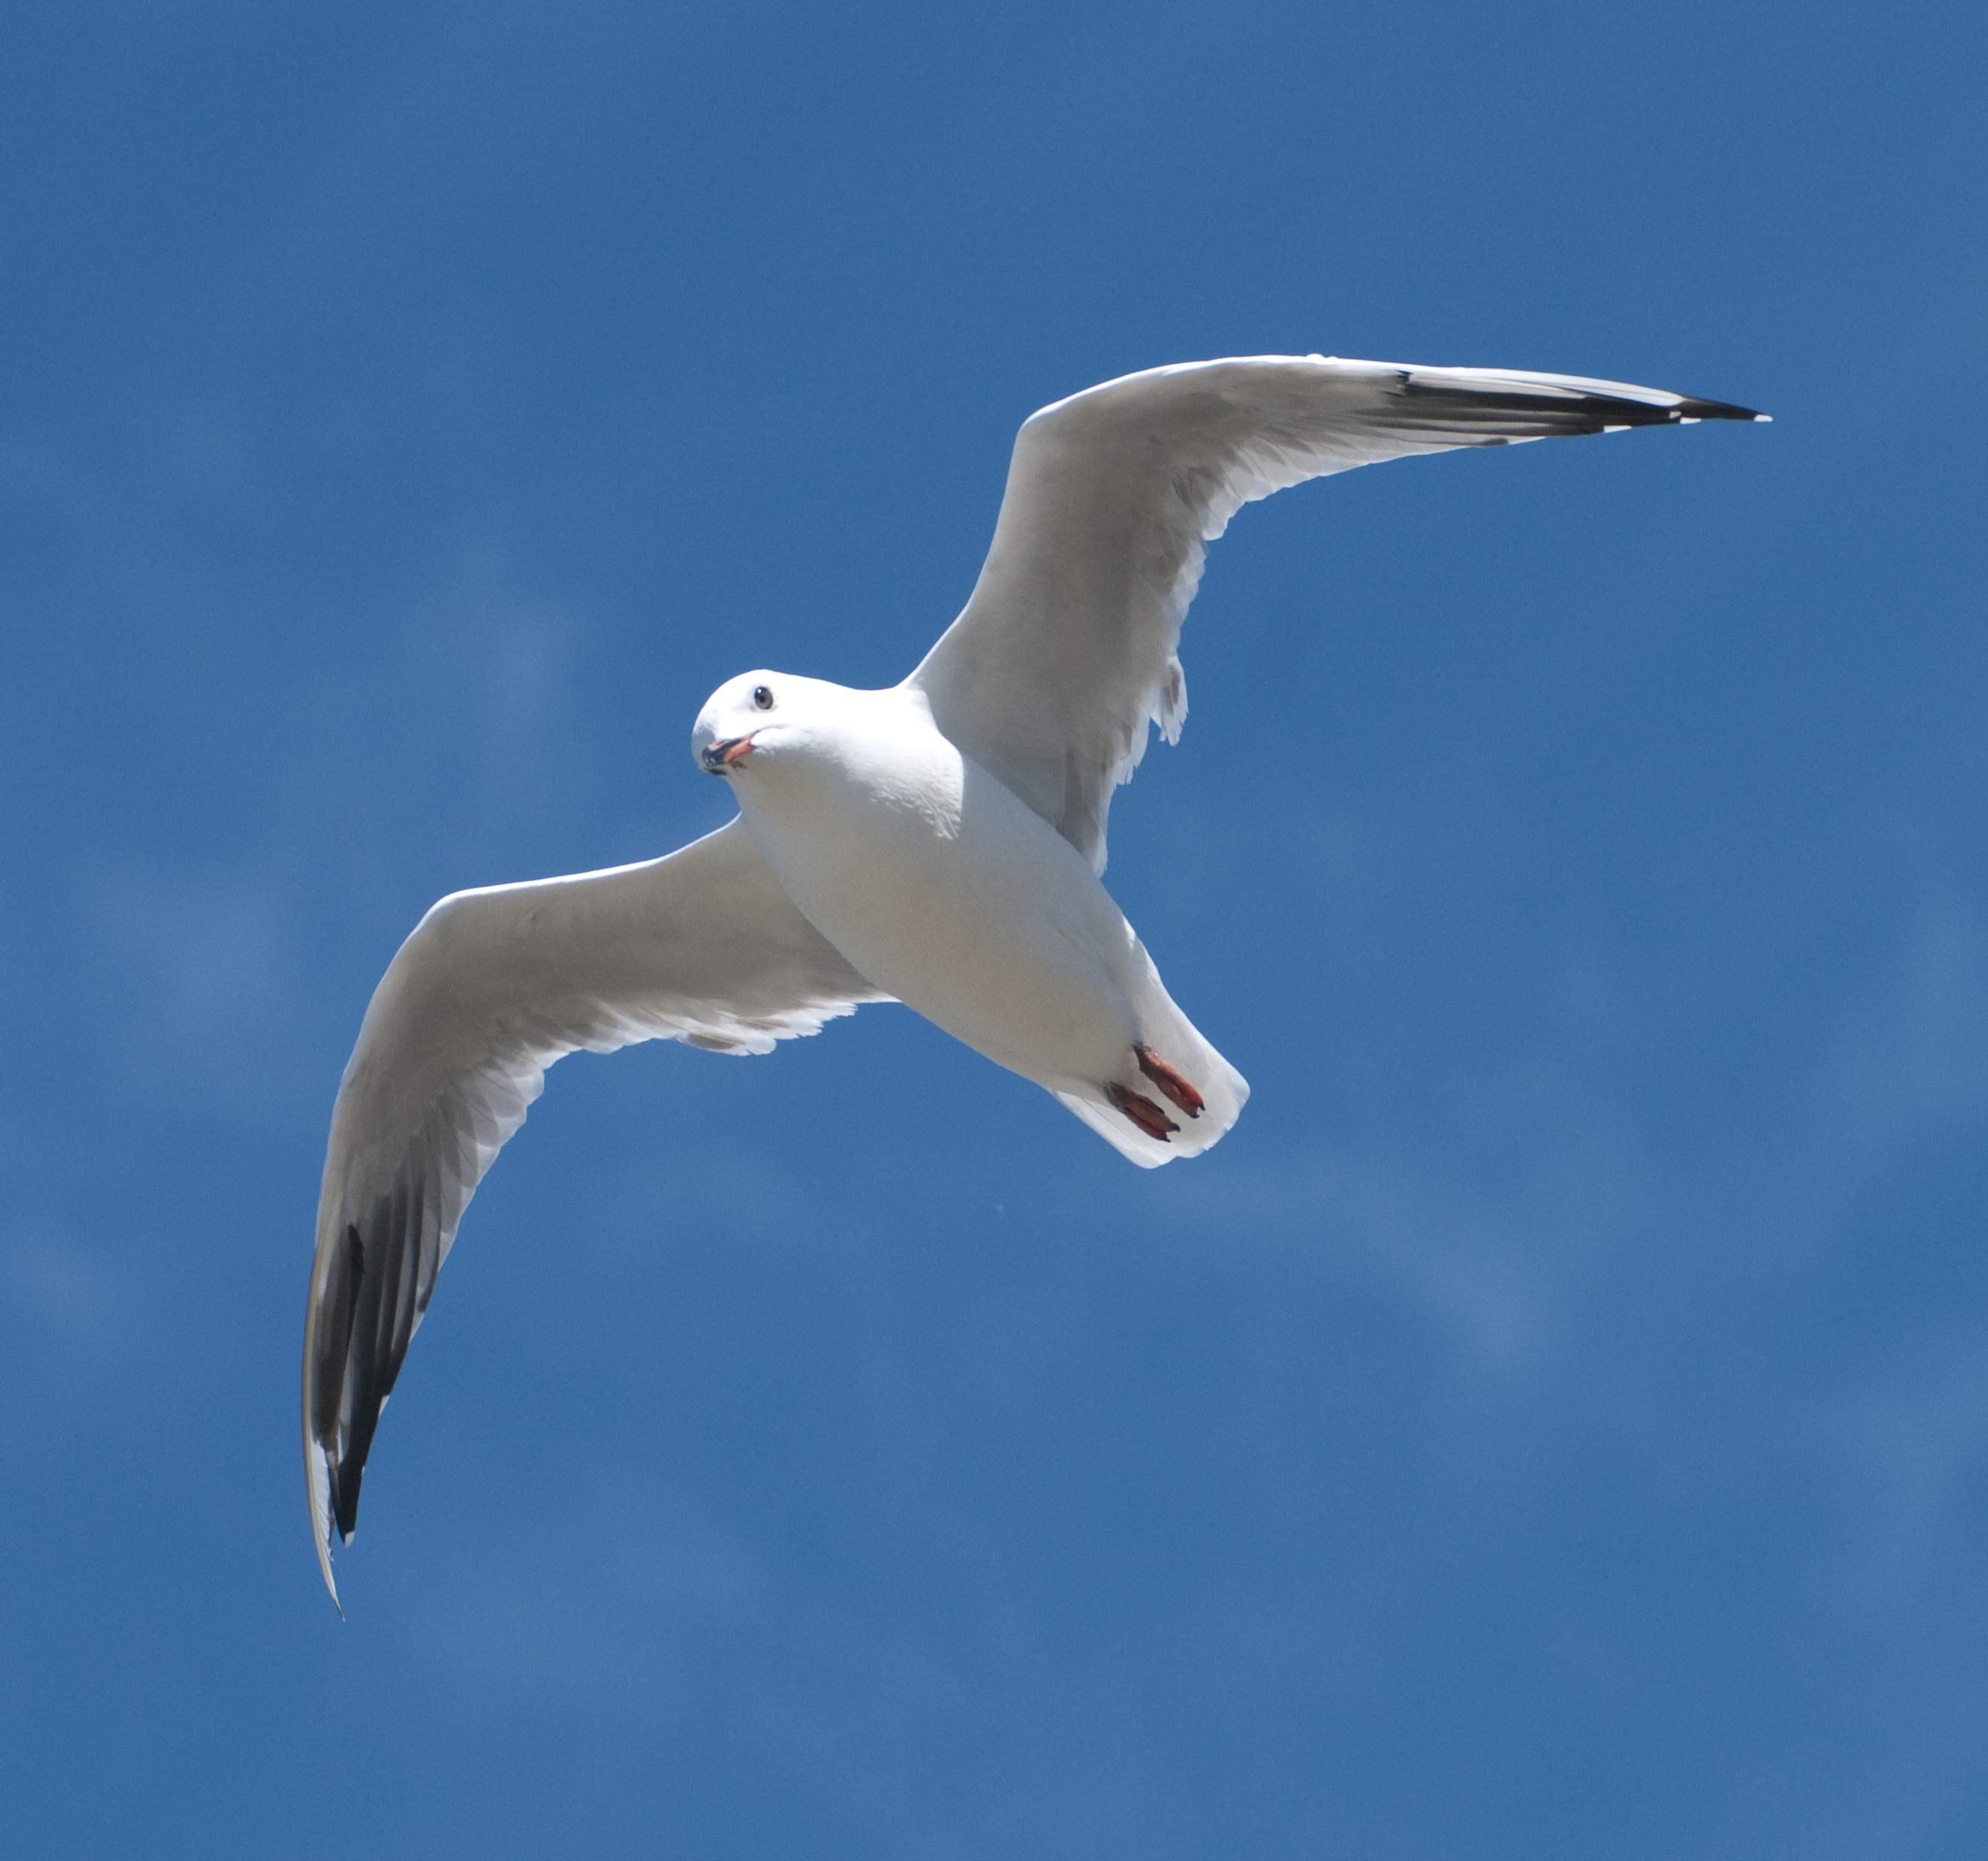 фото морская чайка в полете высокого качества небо лучи